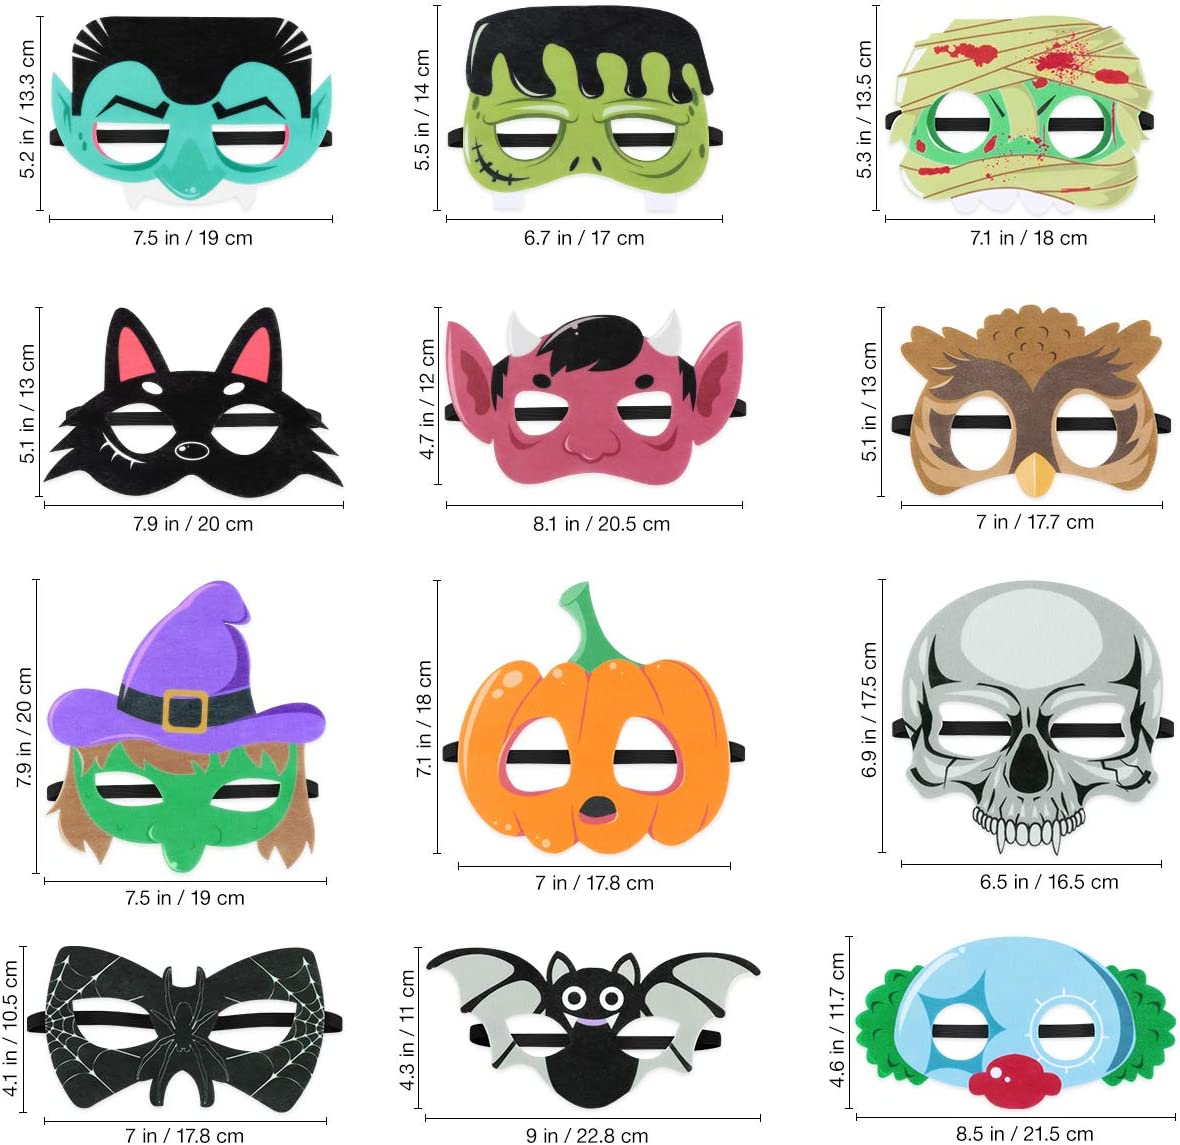 Halloween Superhero Foam Mask Cartoon Witch Monster Bat Spider Felt Masks for Kids Halloween Party Favors 12 Pieces